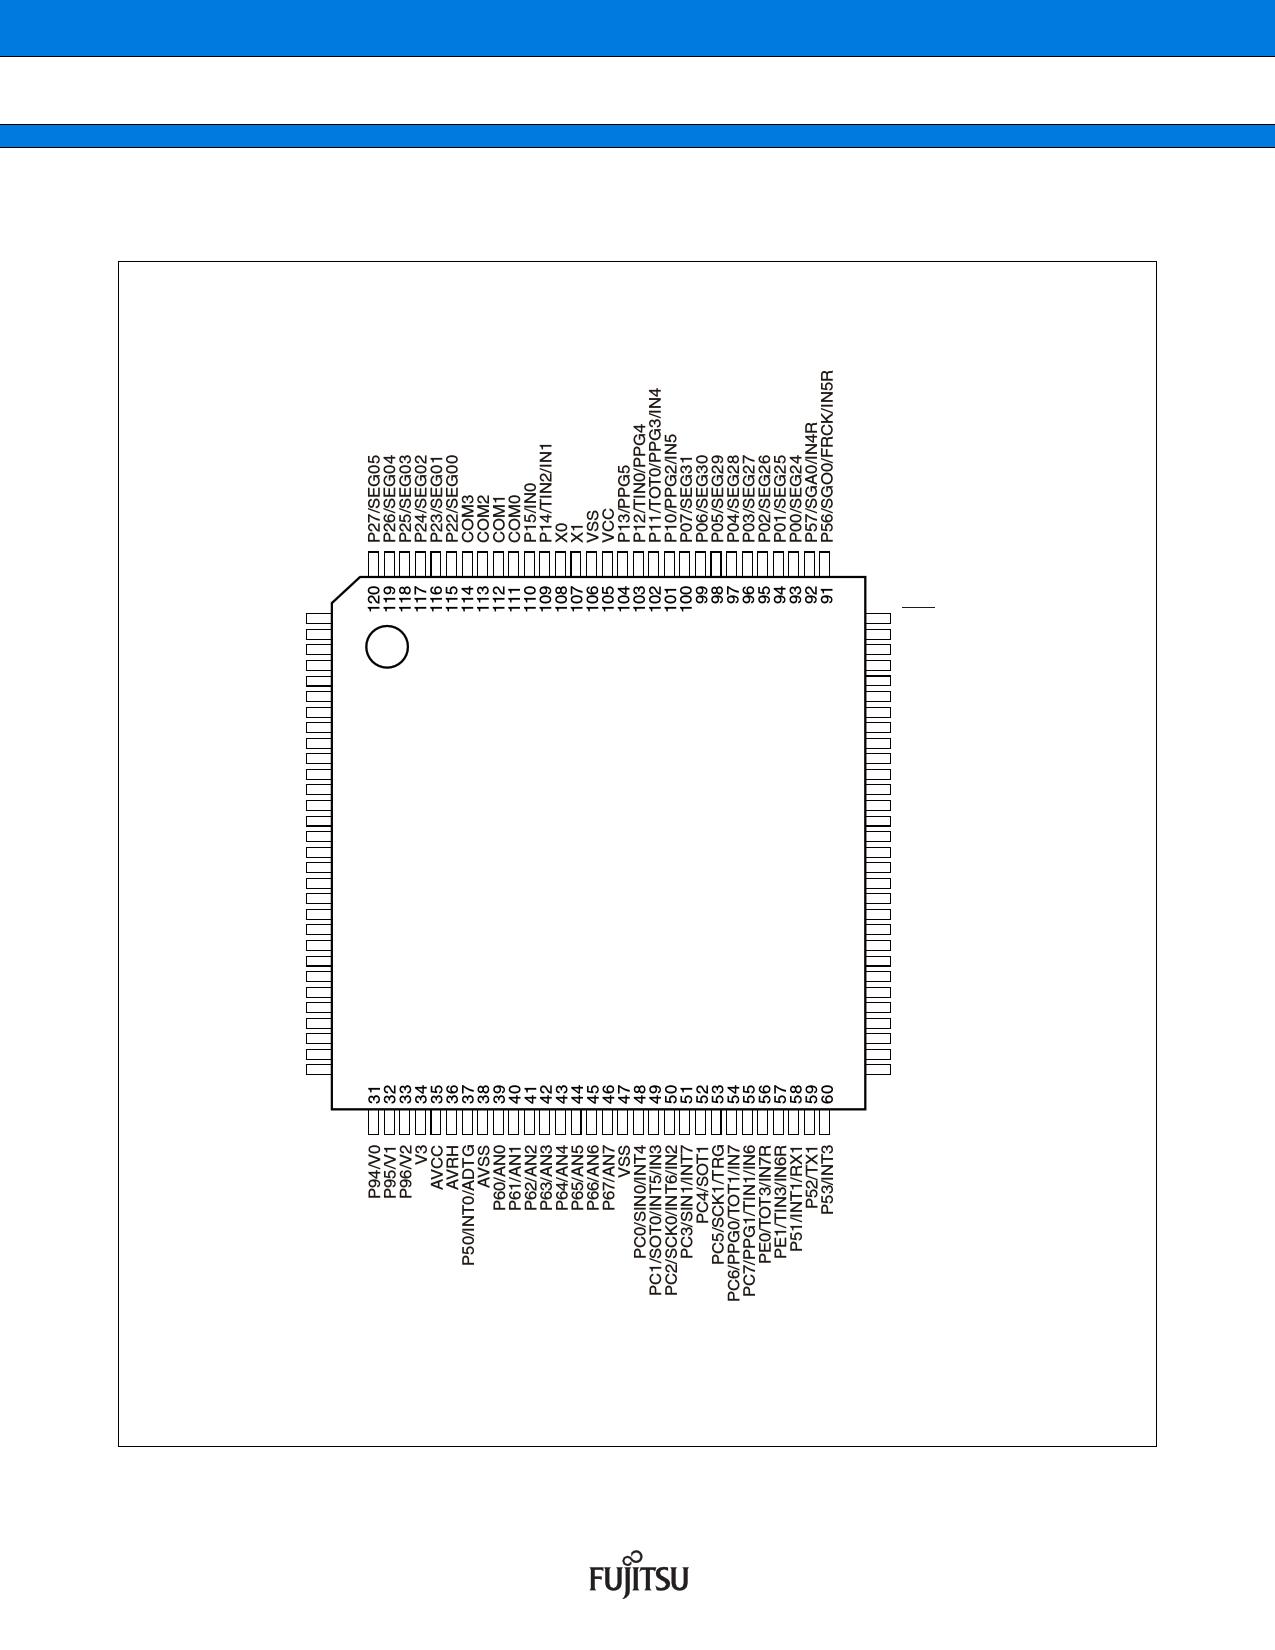 MB90931 pdf, 반도체, 판매, 대치품